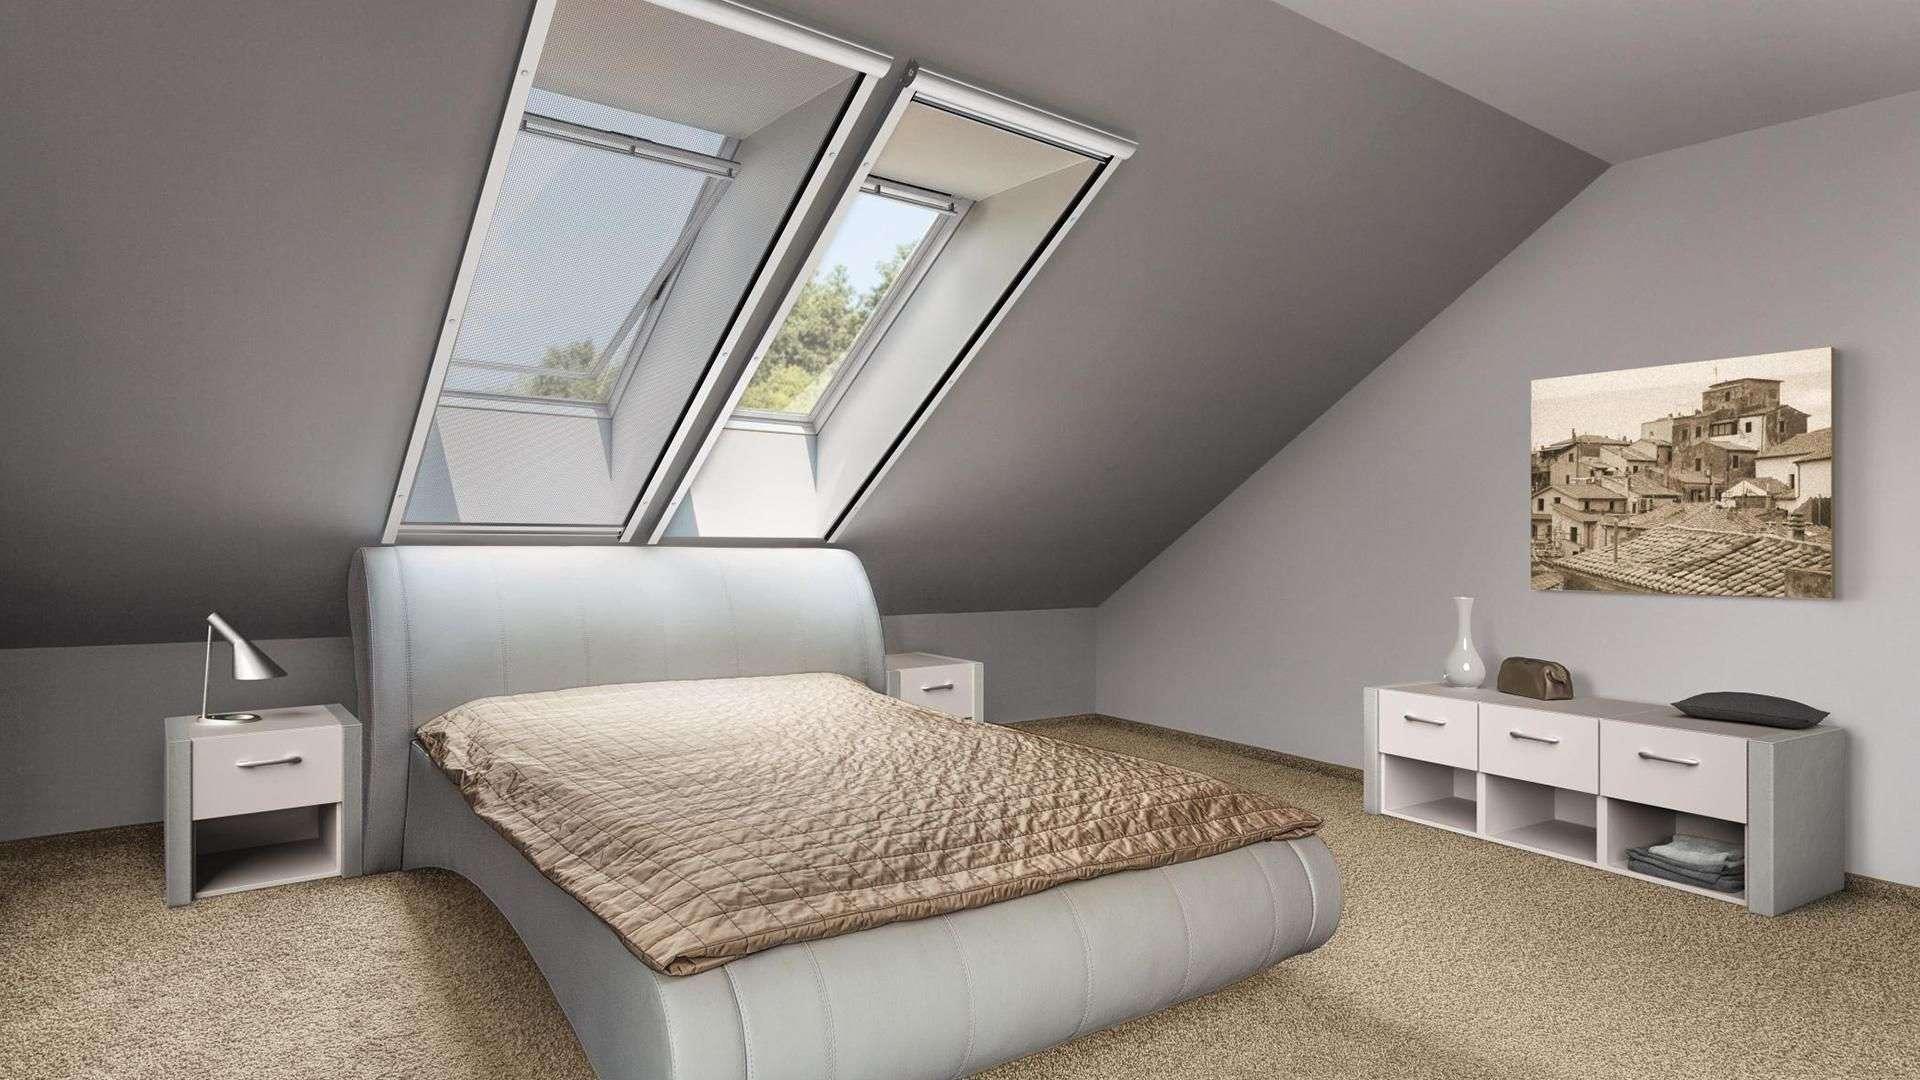 Sievers Perfekter Insektenschutz für Dachfenster